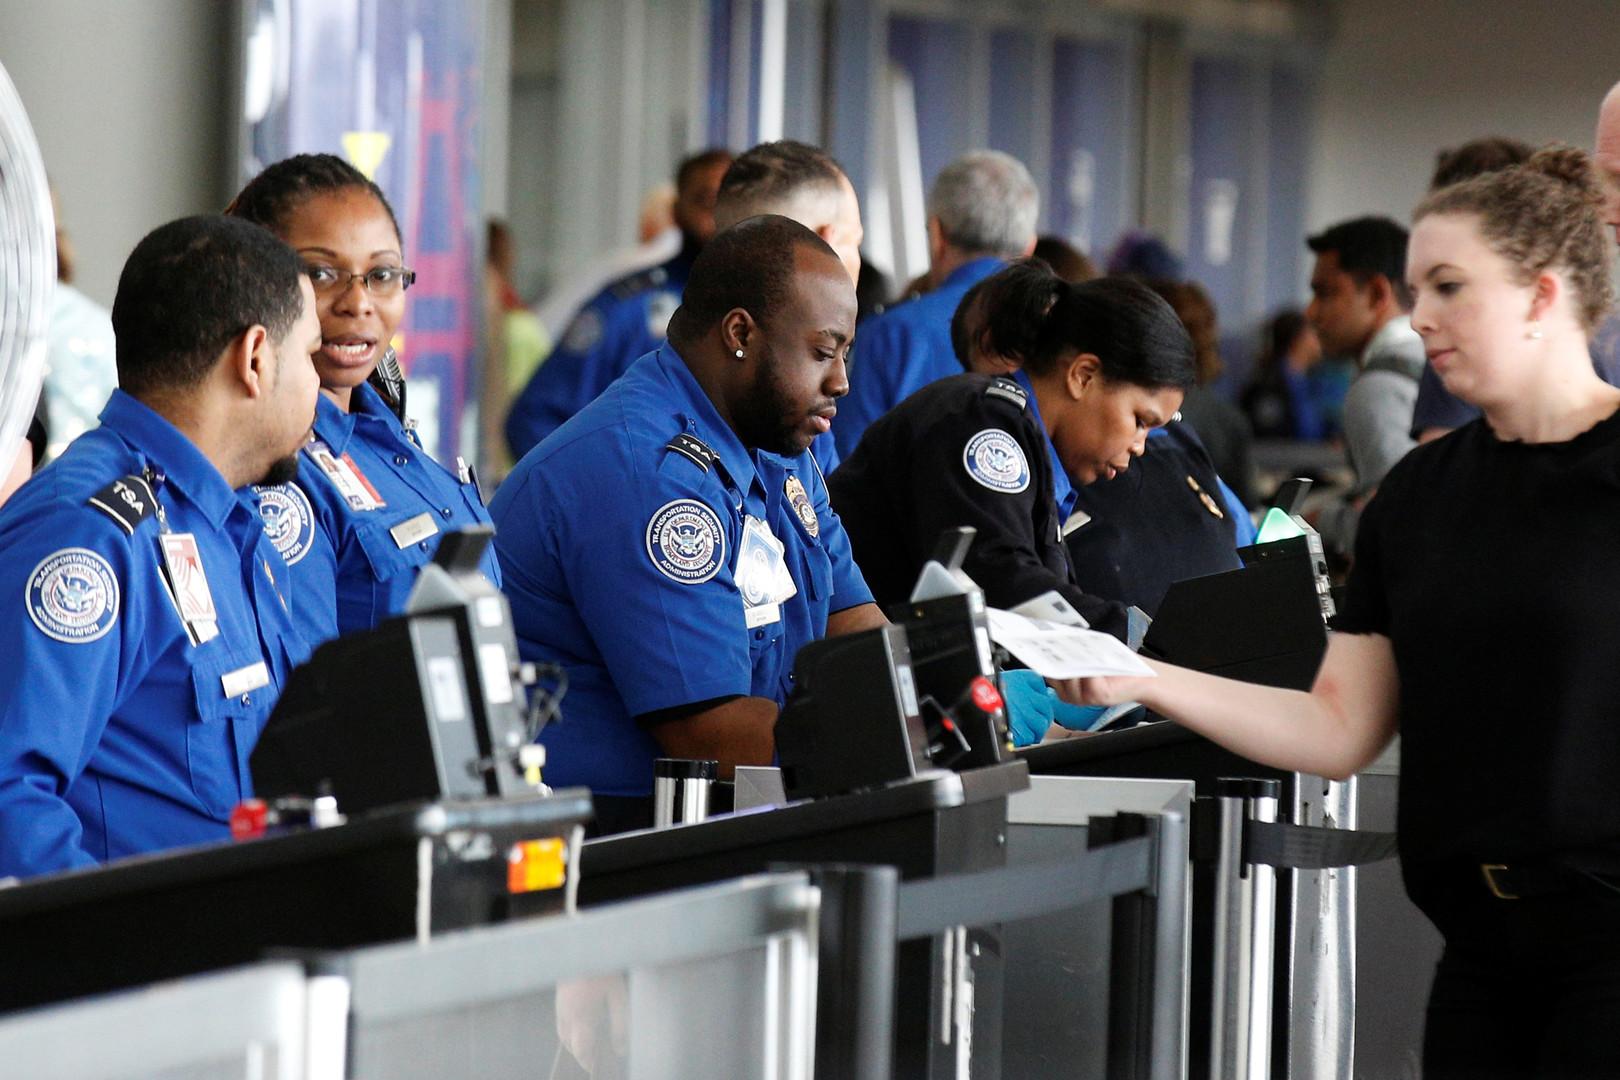 Паспорт и Facebook, пожалуйста: власти США попросят раскрыть данные о соцсетях при въезде